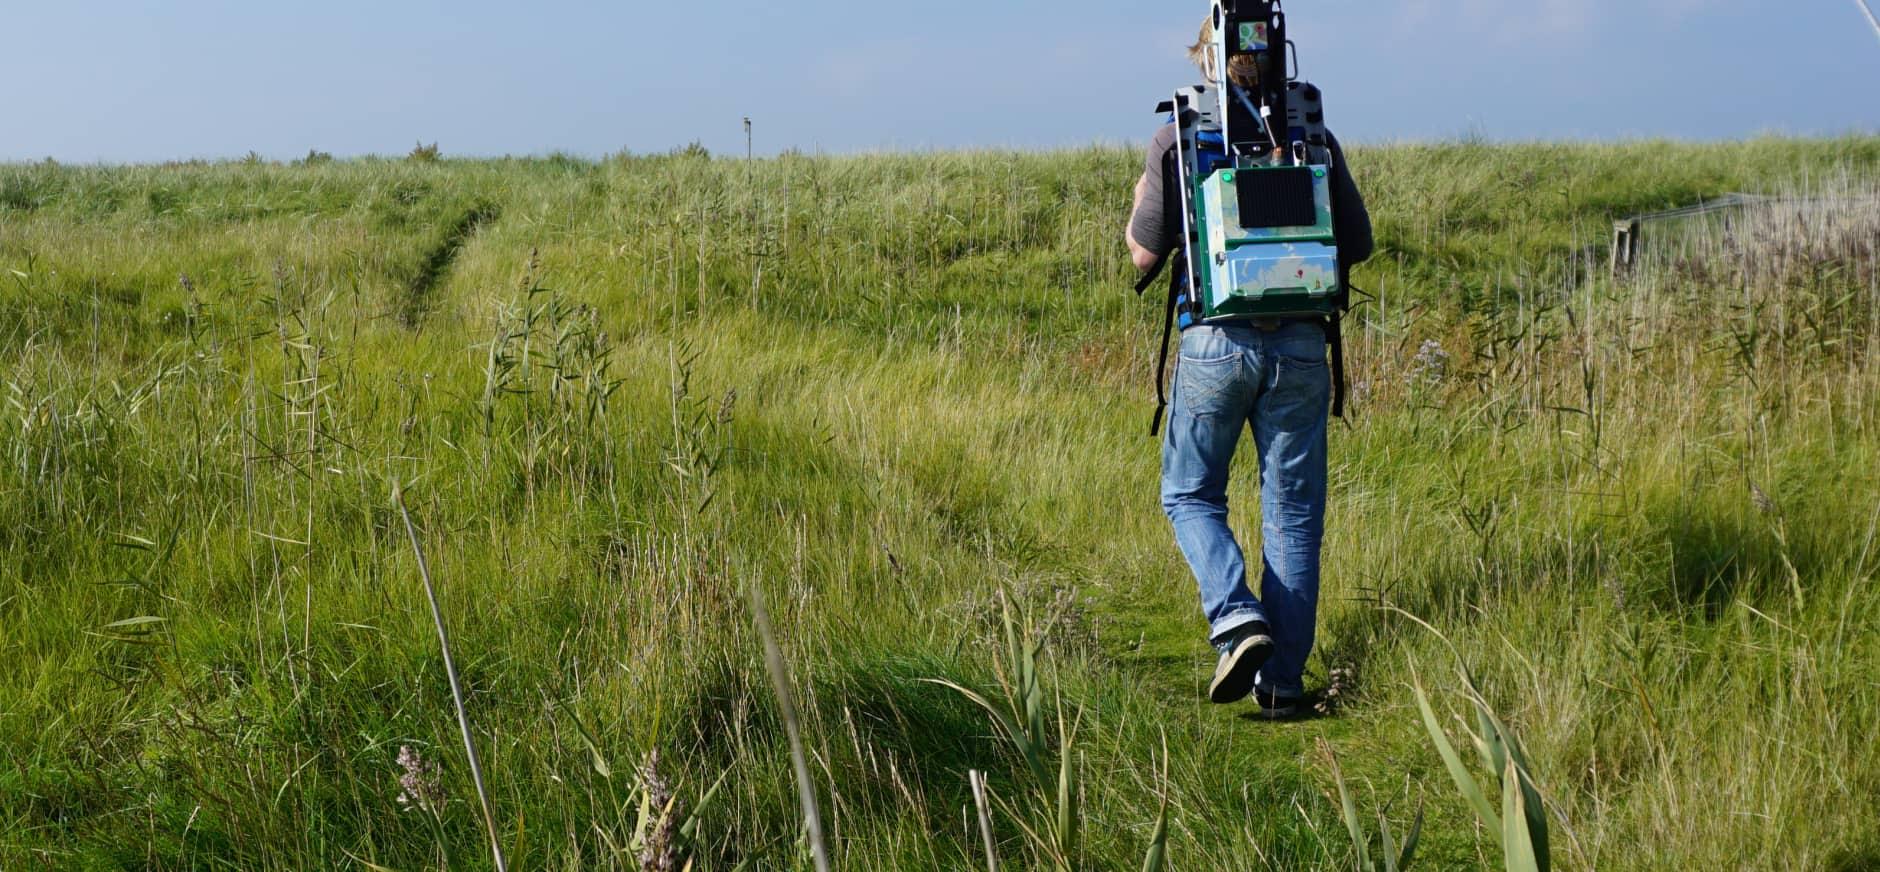 Bezoek de mooiste natuurgebieden van Nederland met Street View